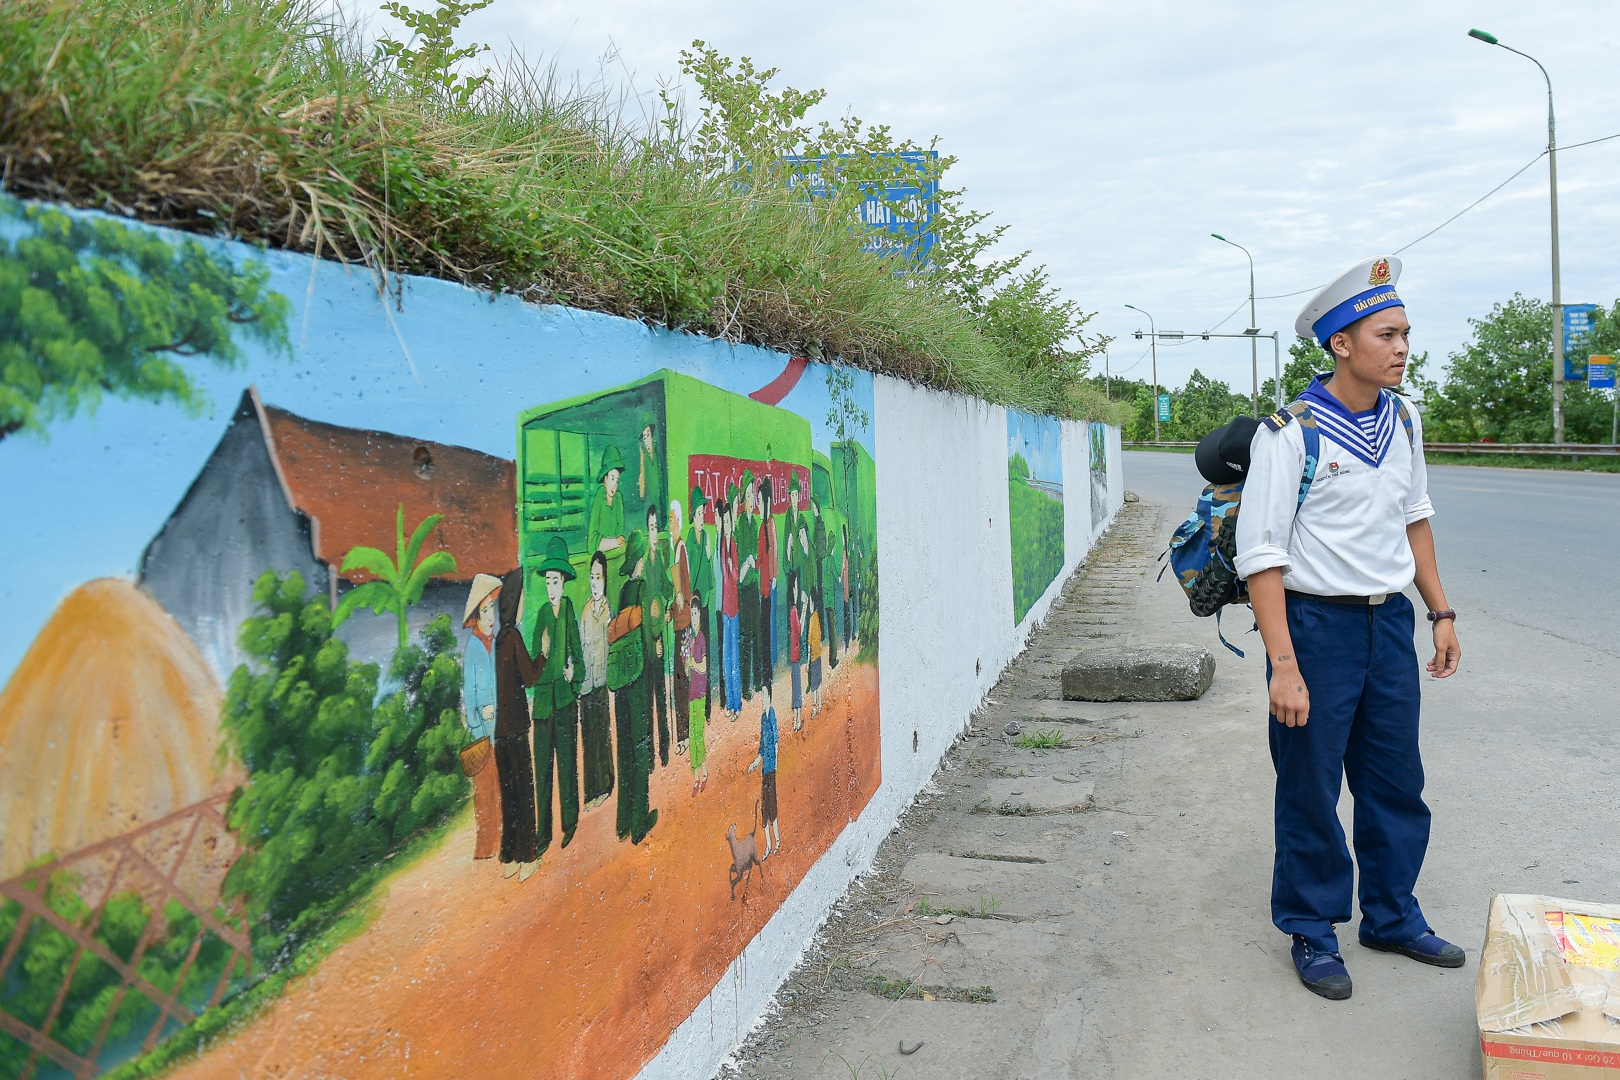 Con đường bích họa dài hơn 2 km ở ngoại thành Hà Nội - 14